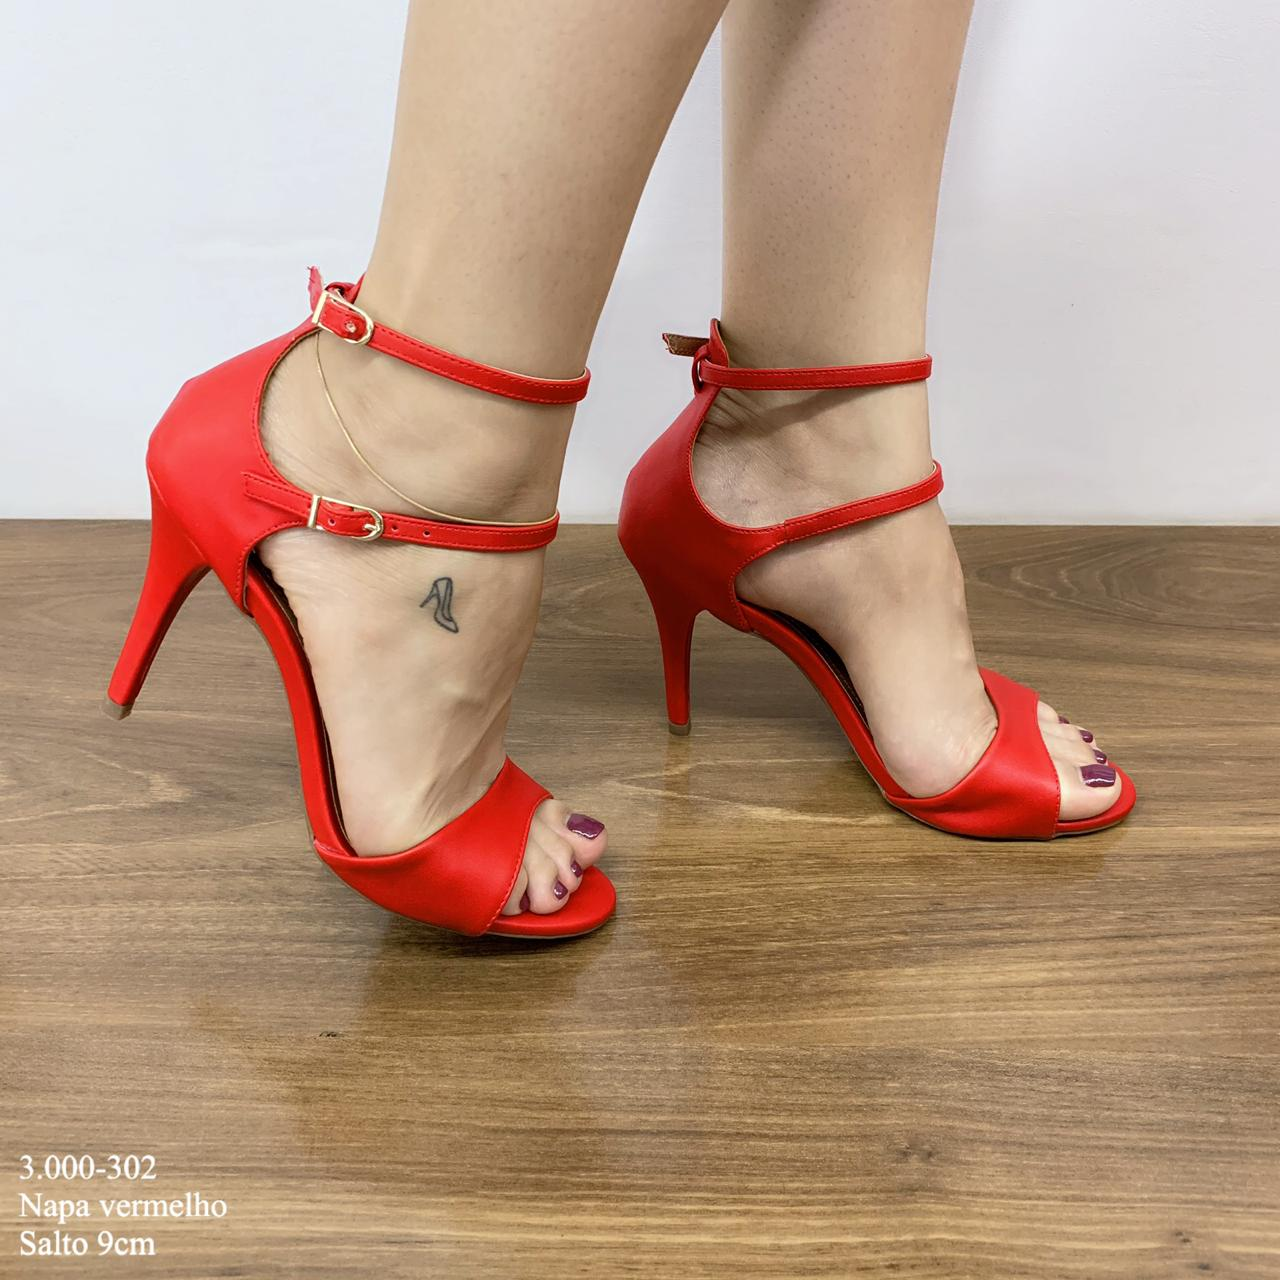 Sandália Vermelho Napa Com Duas Tiras De Abotoar   3.000-302